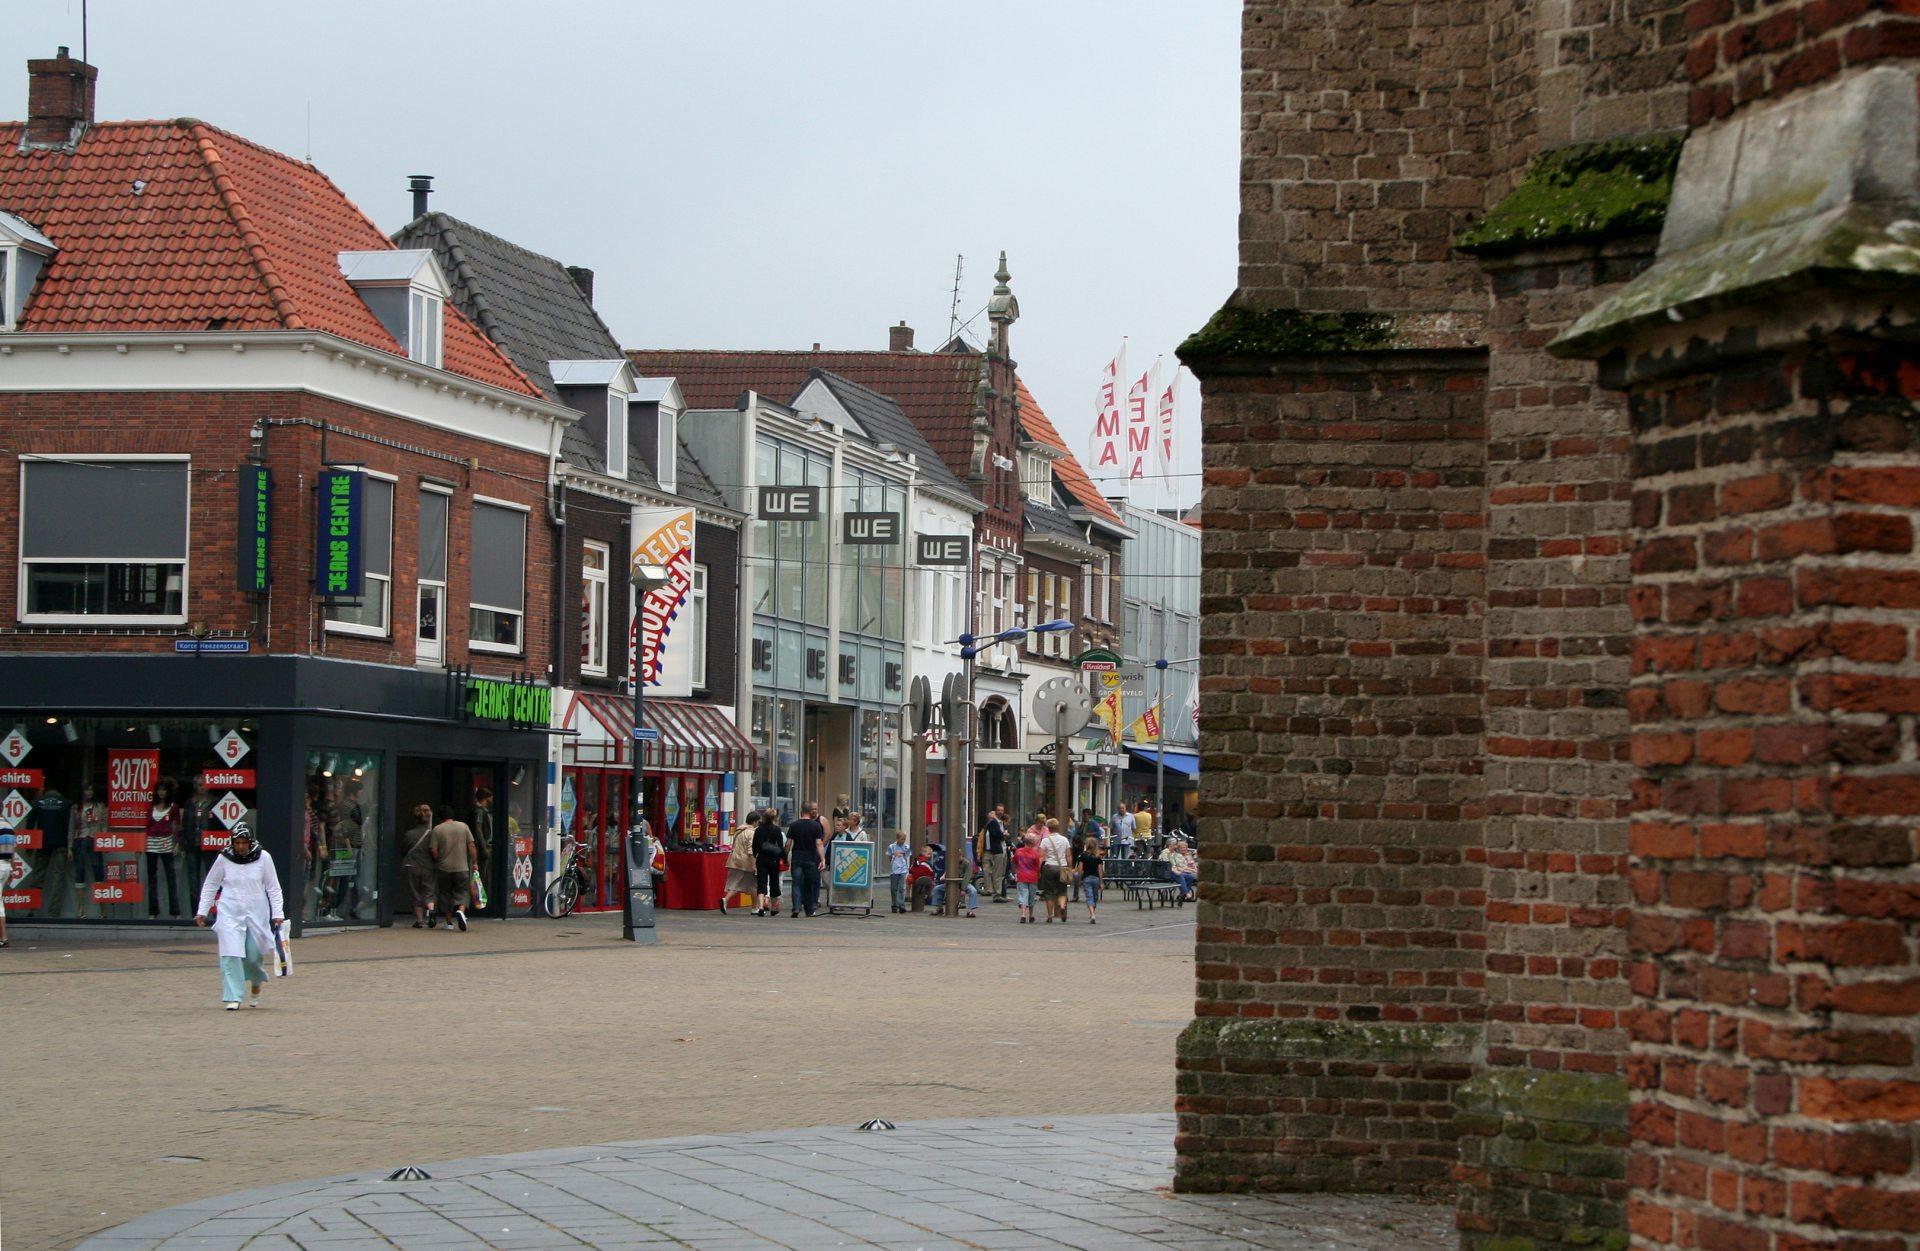 De binnenstad van de Gelderse stad Doetinchem